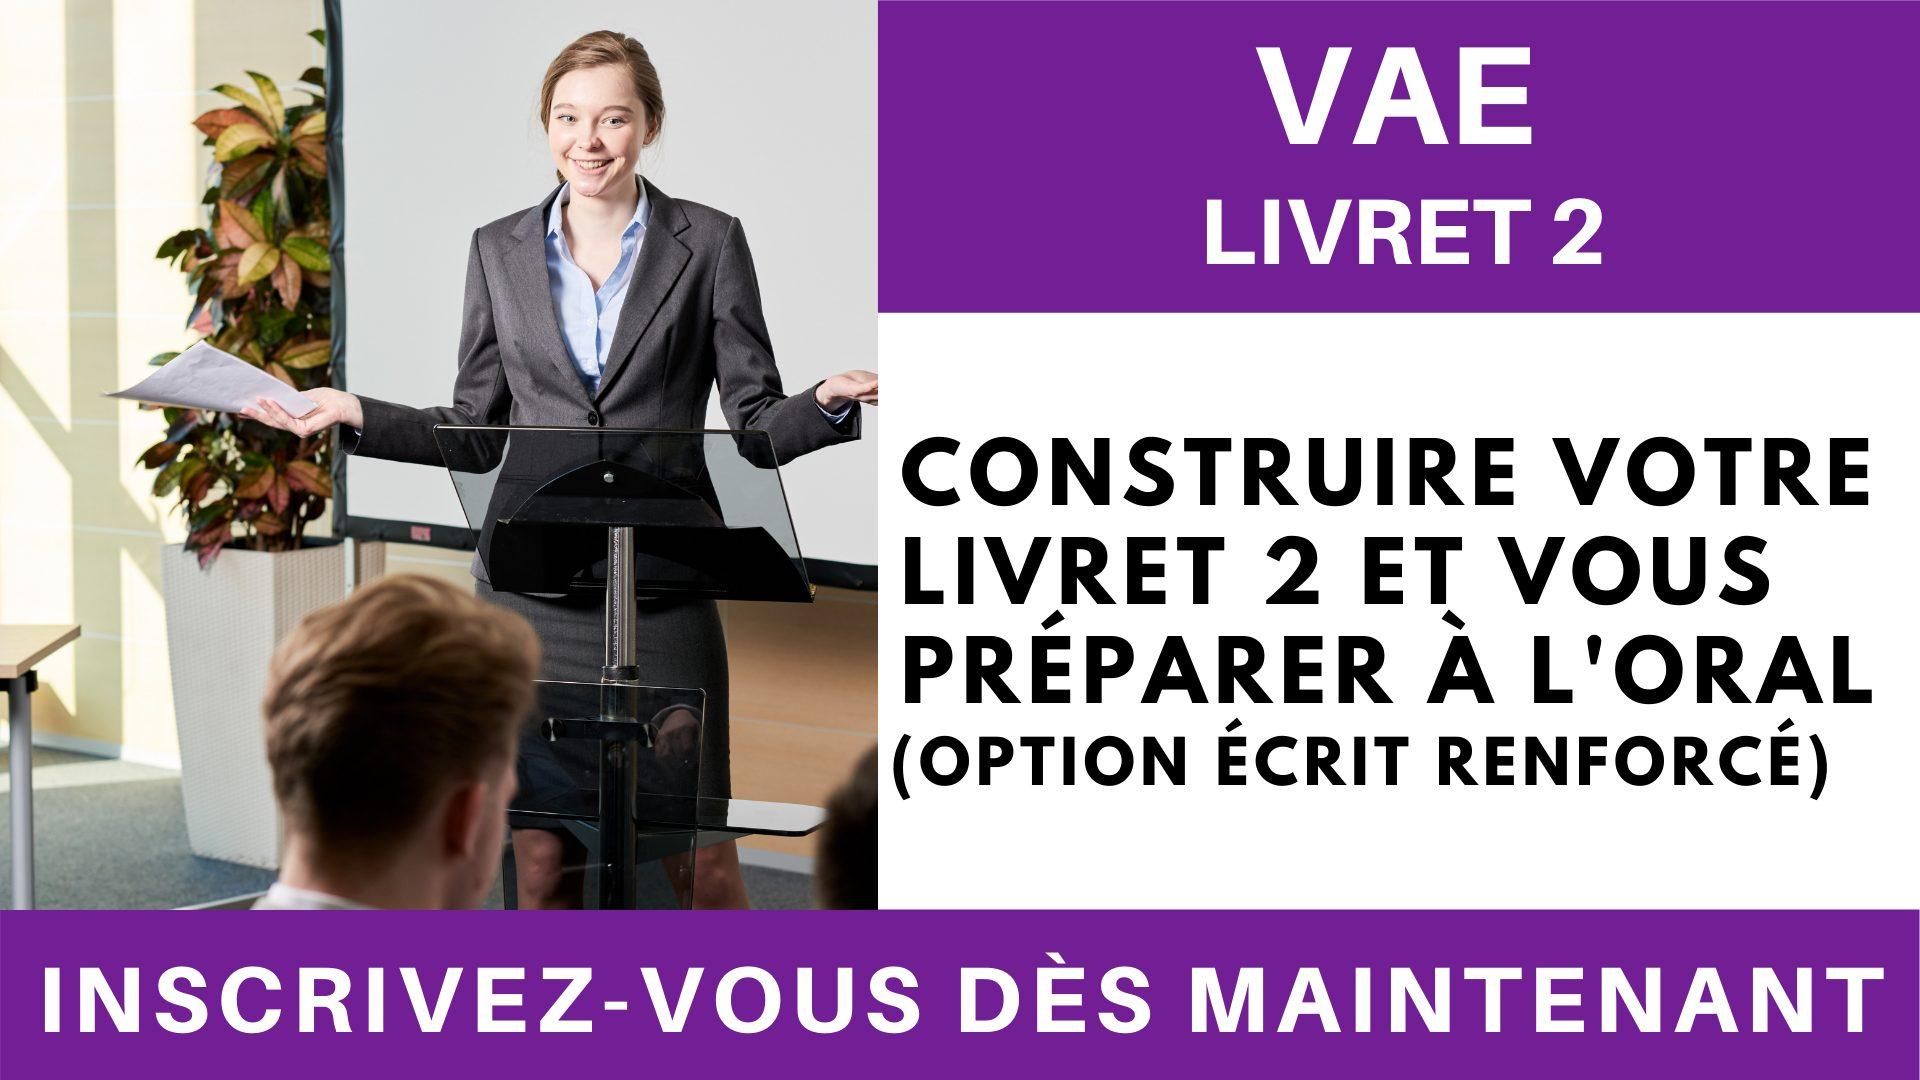 VAE Livret 2 - Construire votre livret 2 et vous préparer à l'oral (option écrit renforcé)